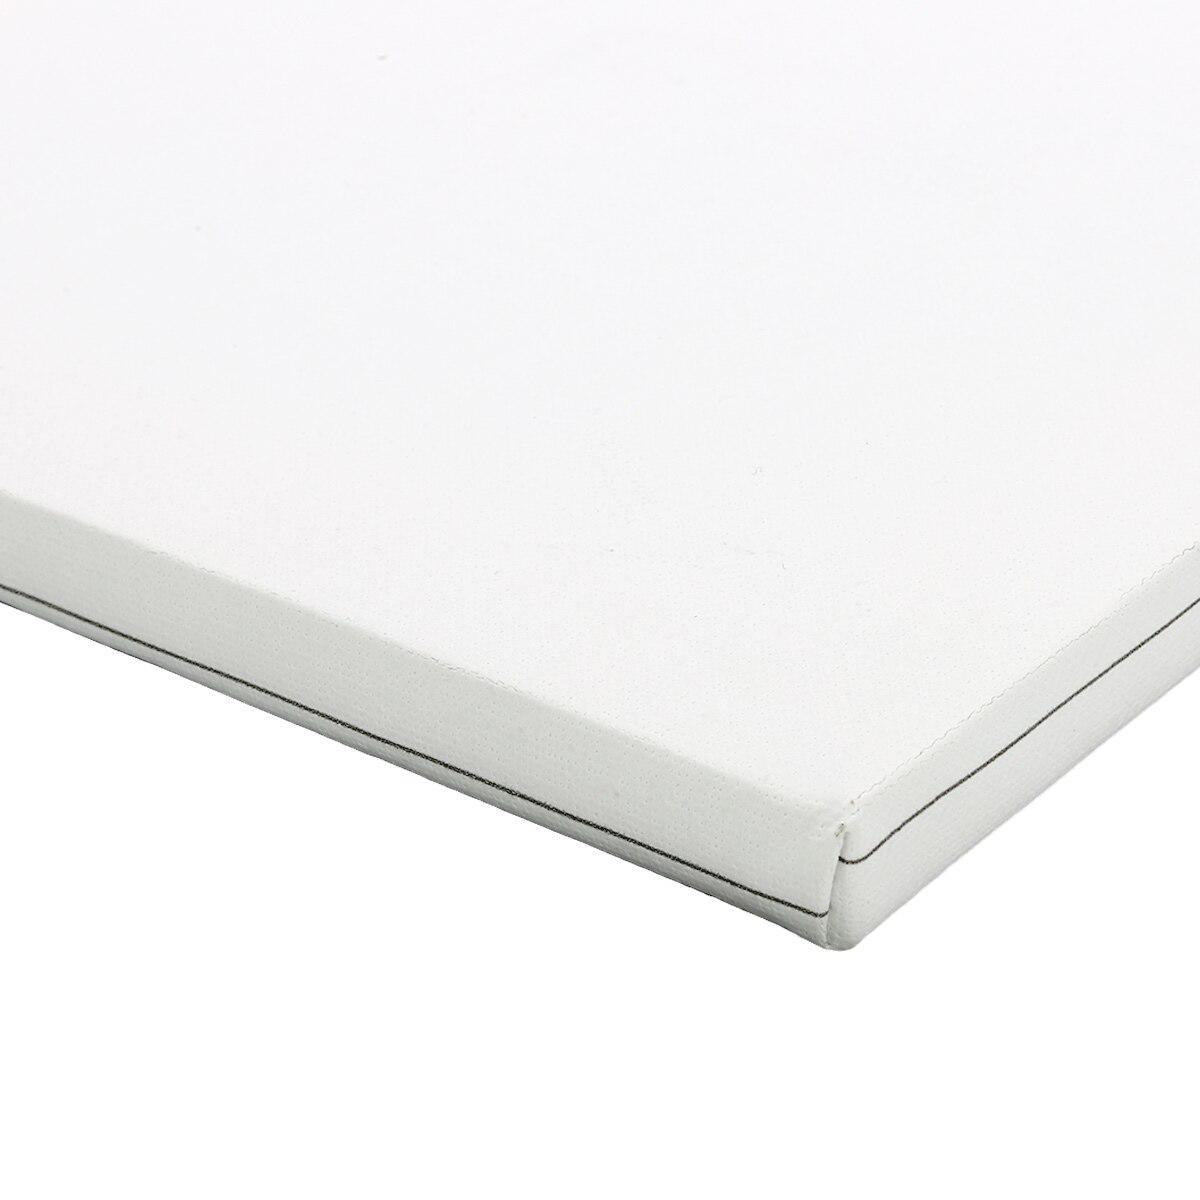 Hs9002 Canvas On Stretcher Cotton 30*40 Cm